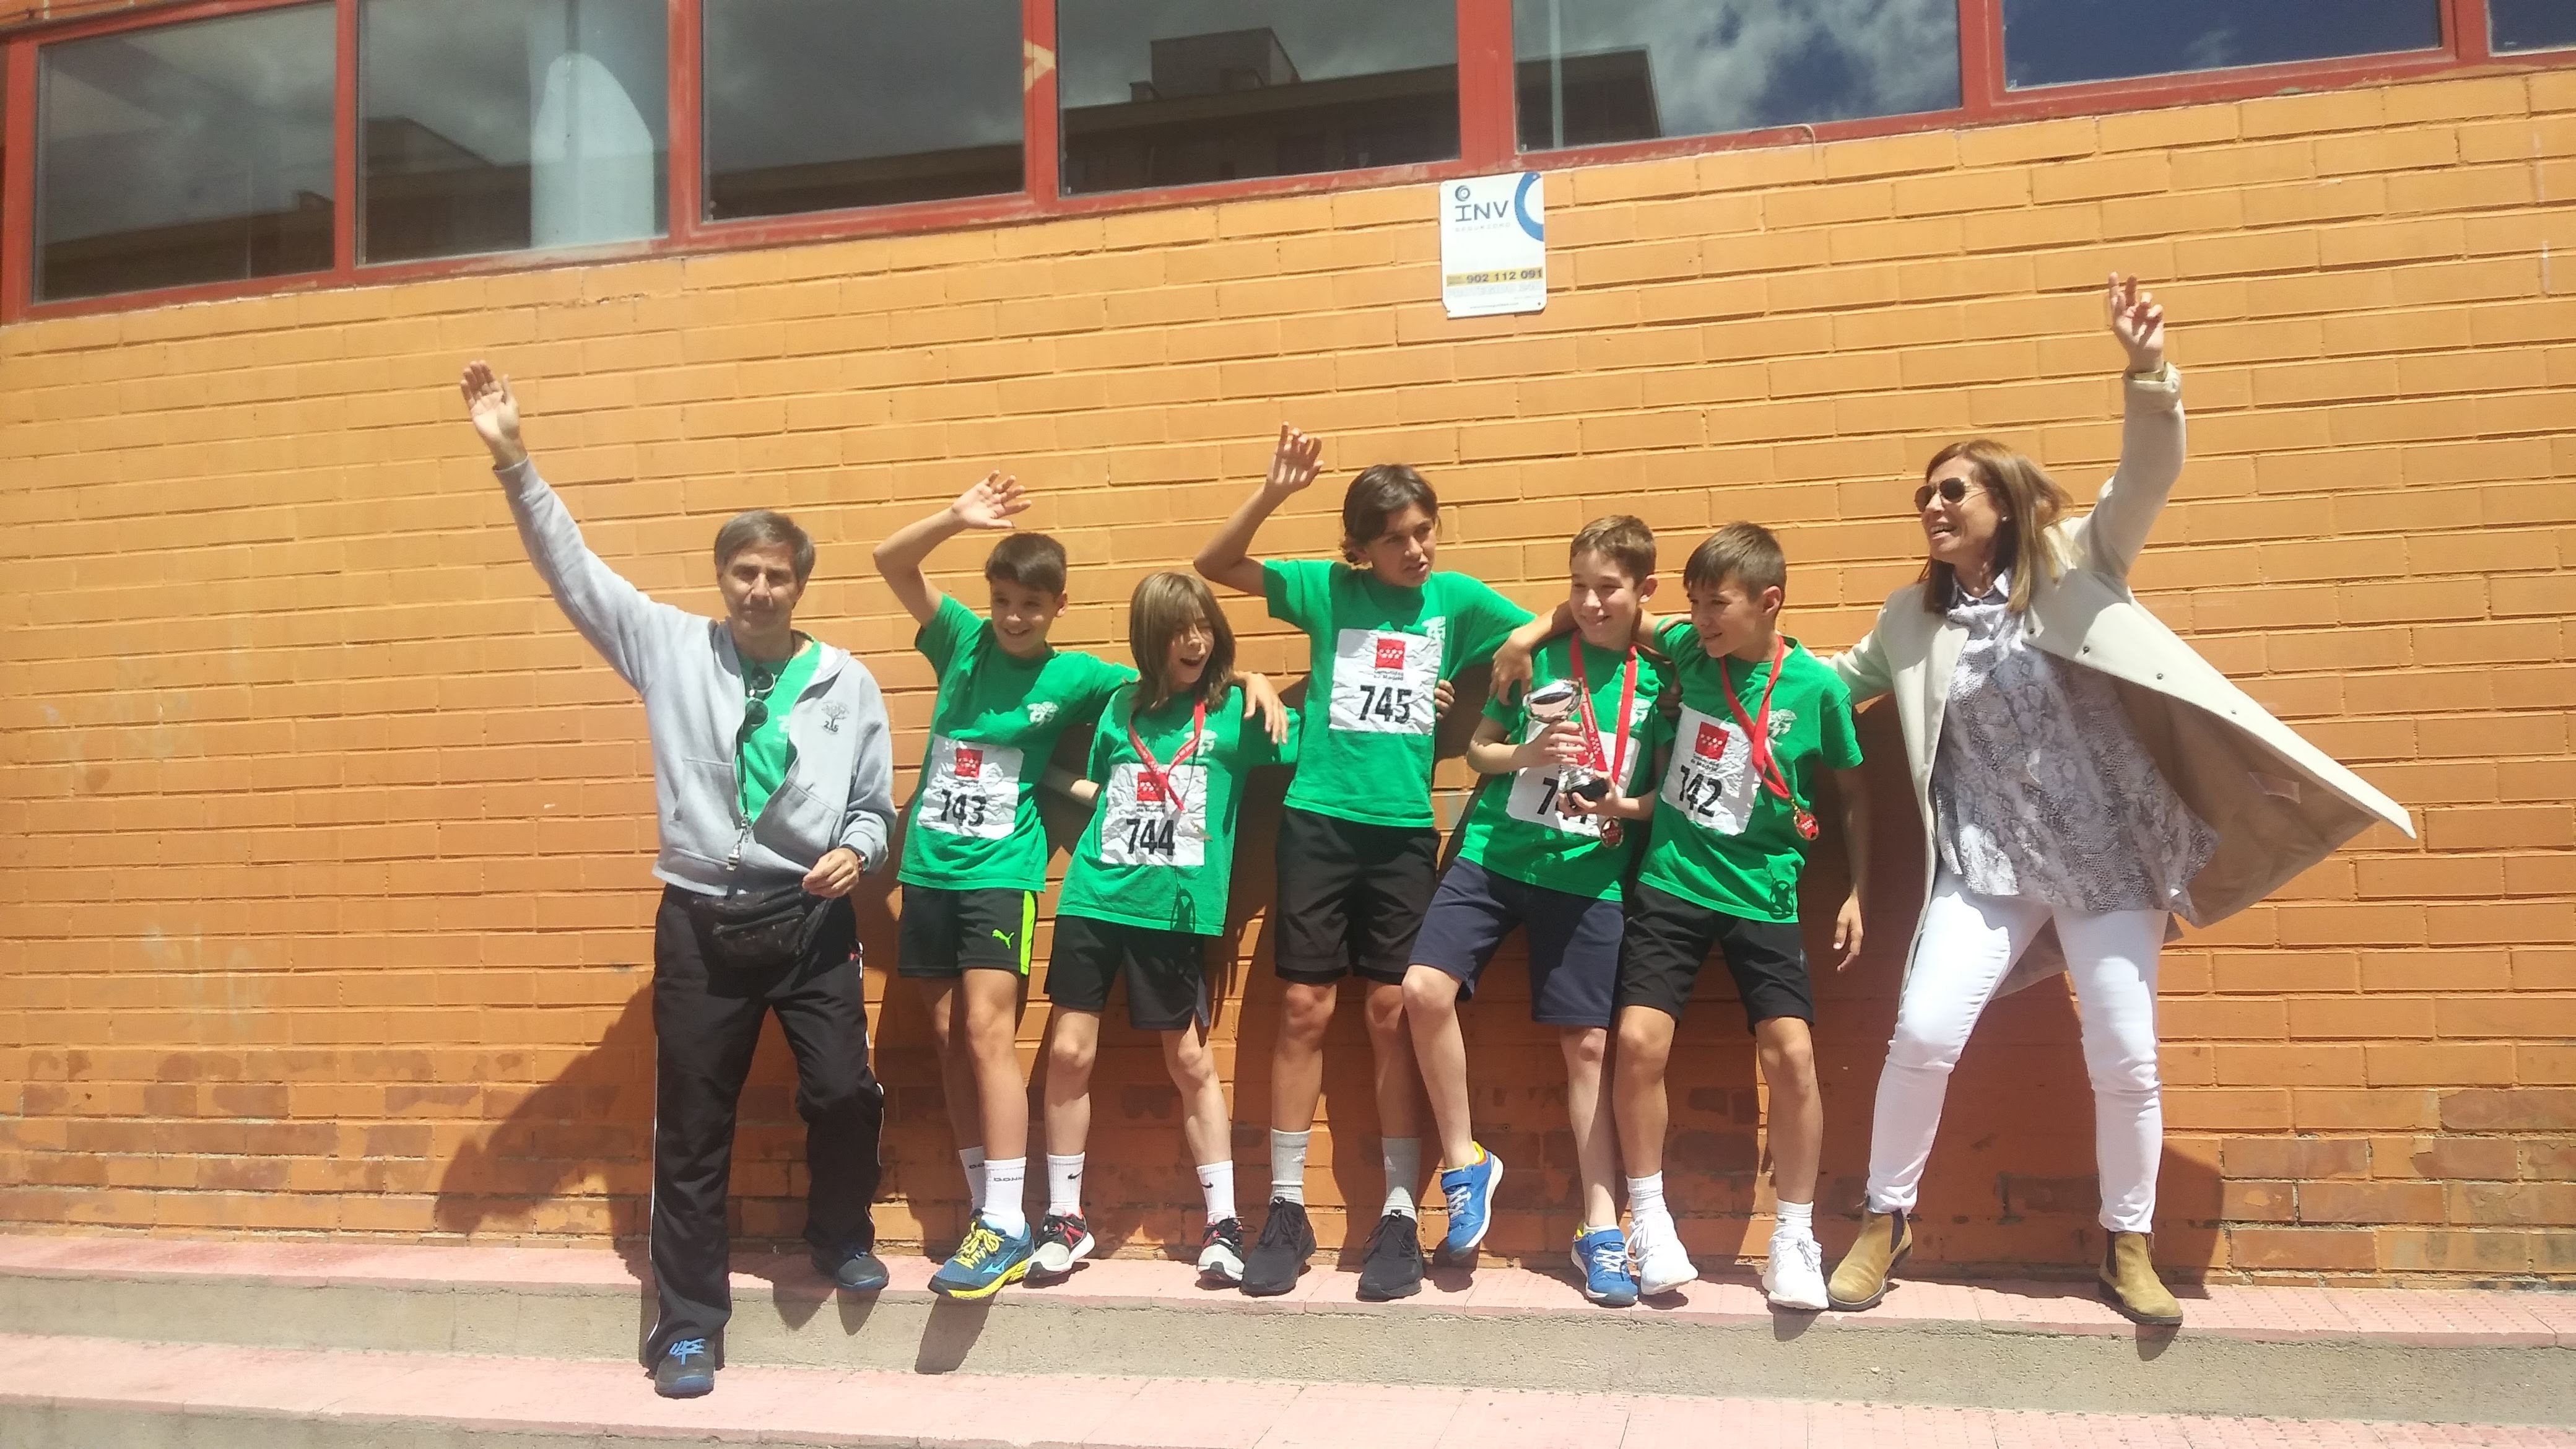 Campeonato de atletismo